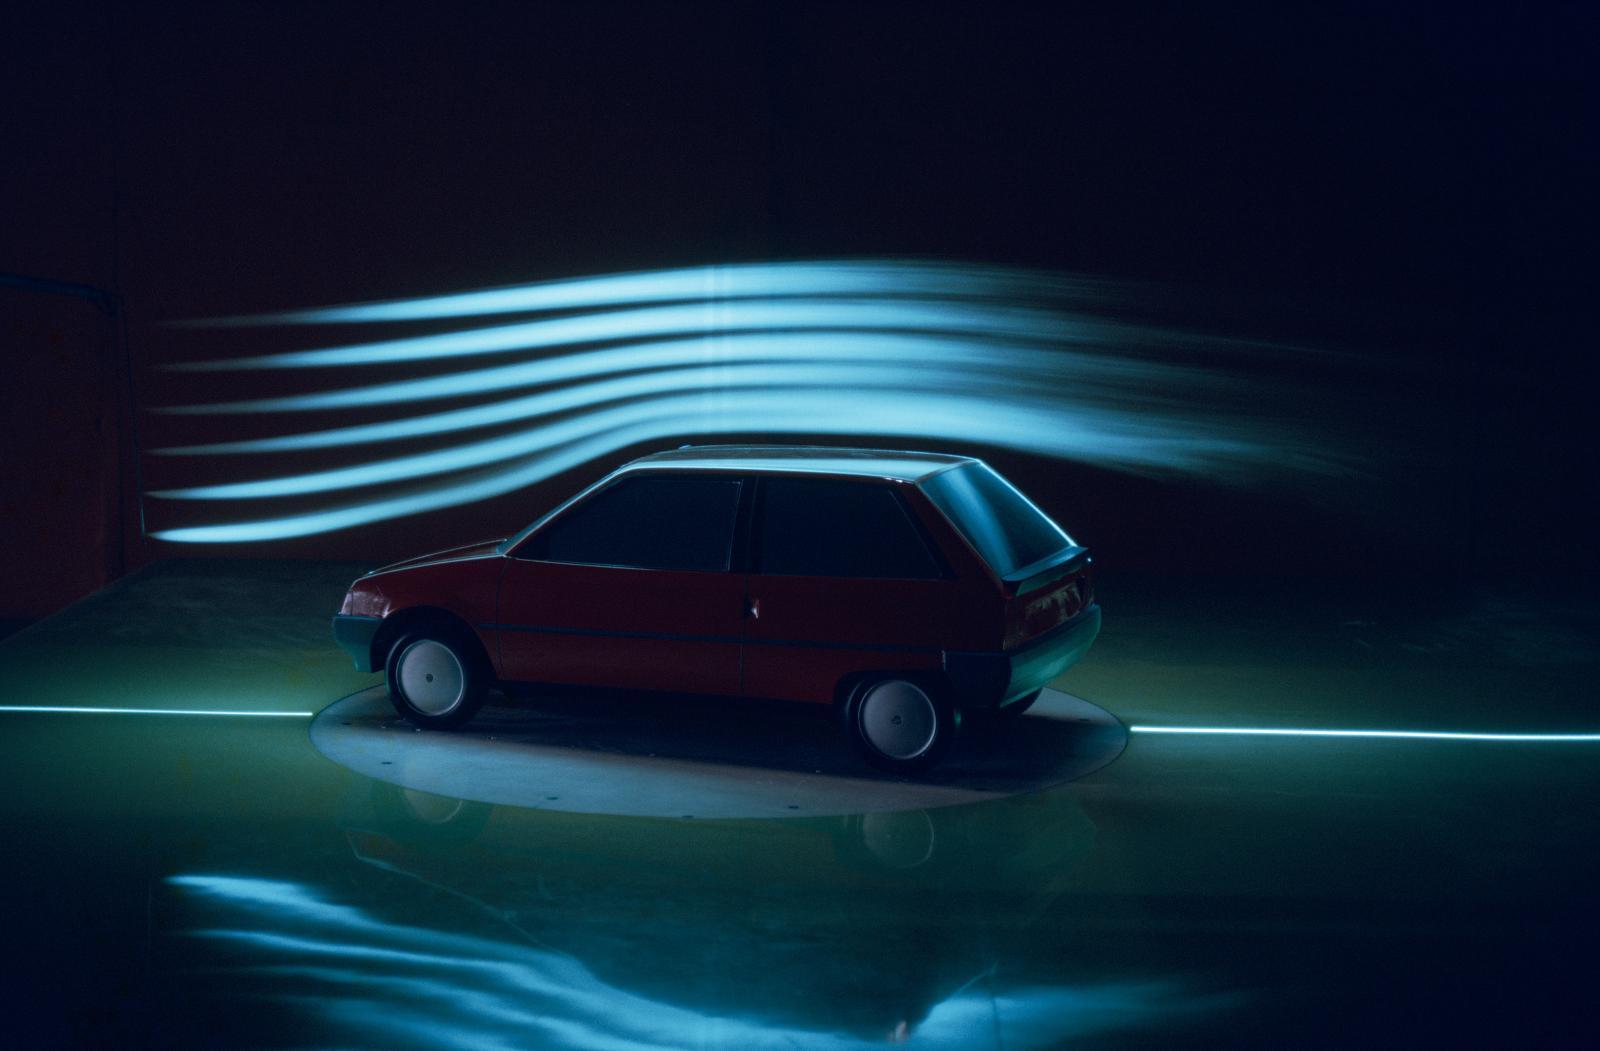 Test de l'aérodynamisme de l'AX en 1986